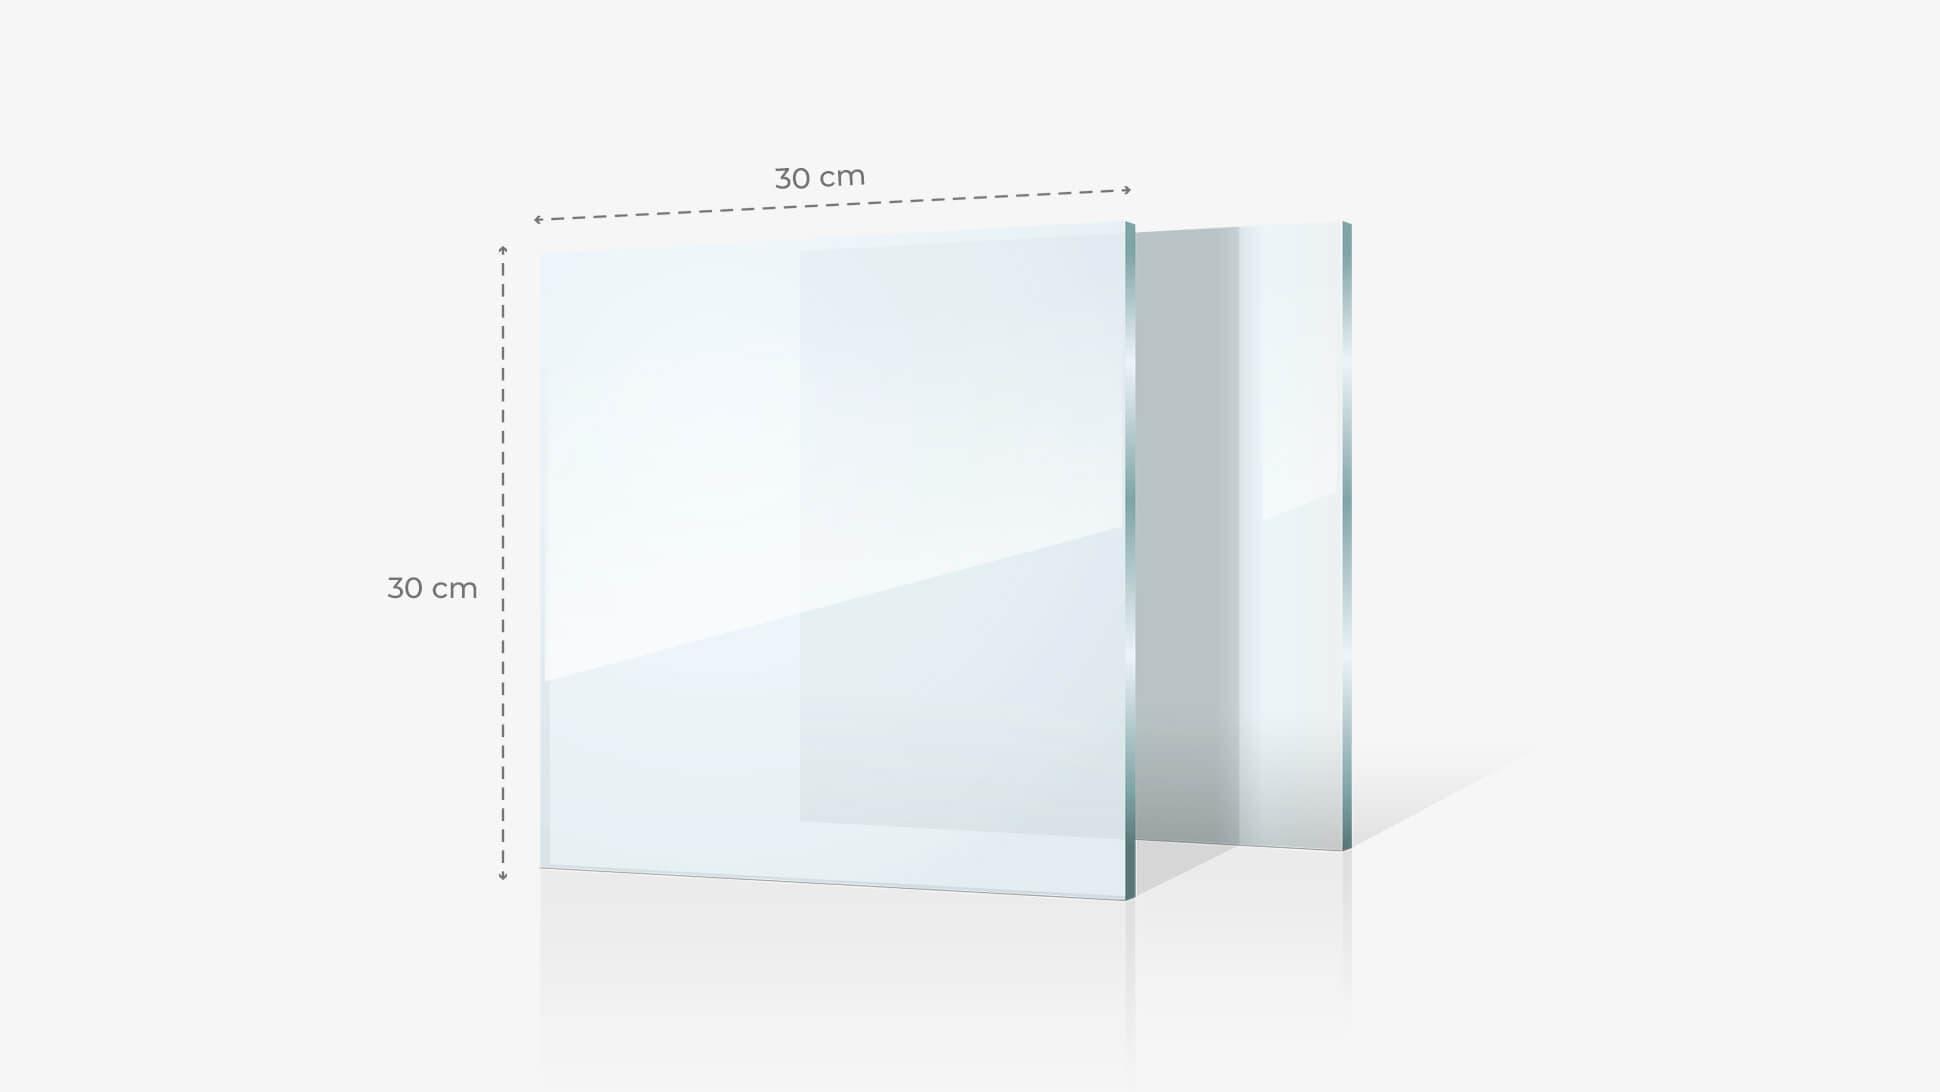 Foto su vetro acrilico 30x30 cm | tictac.it